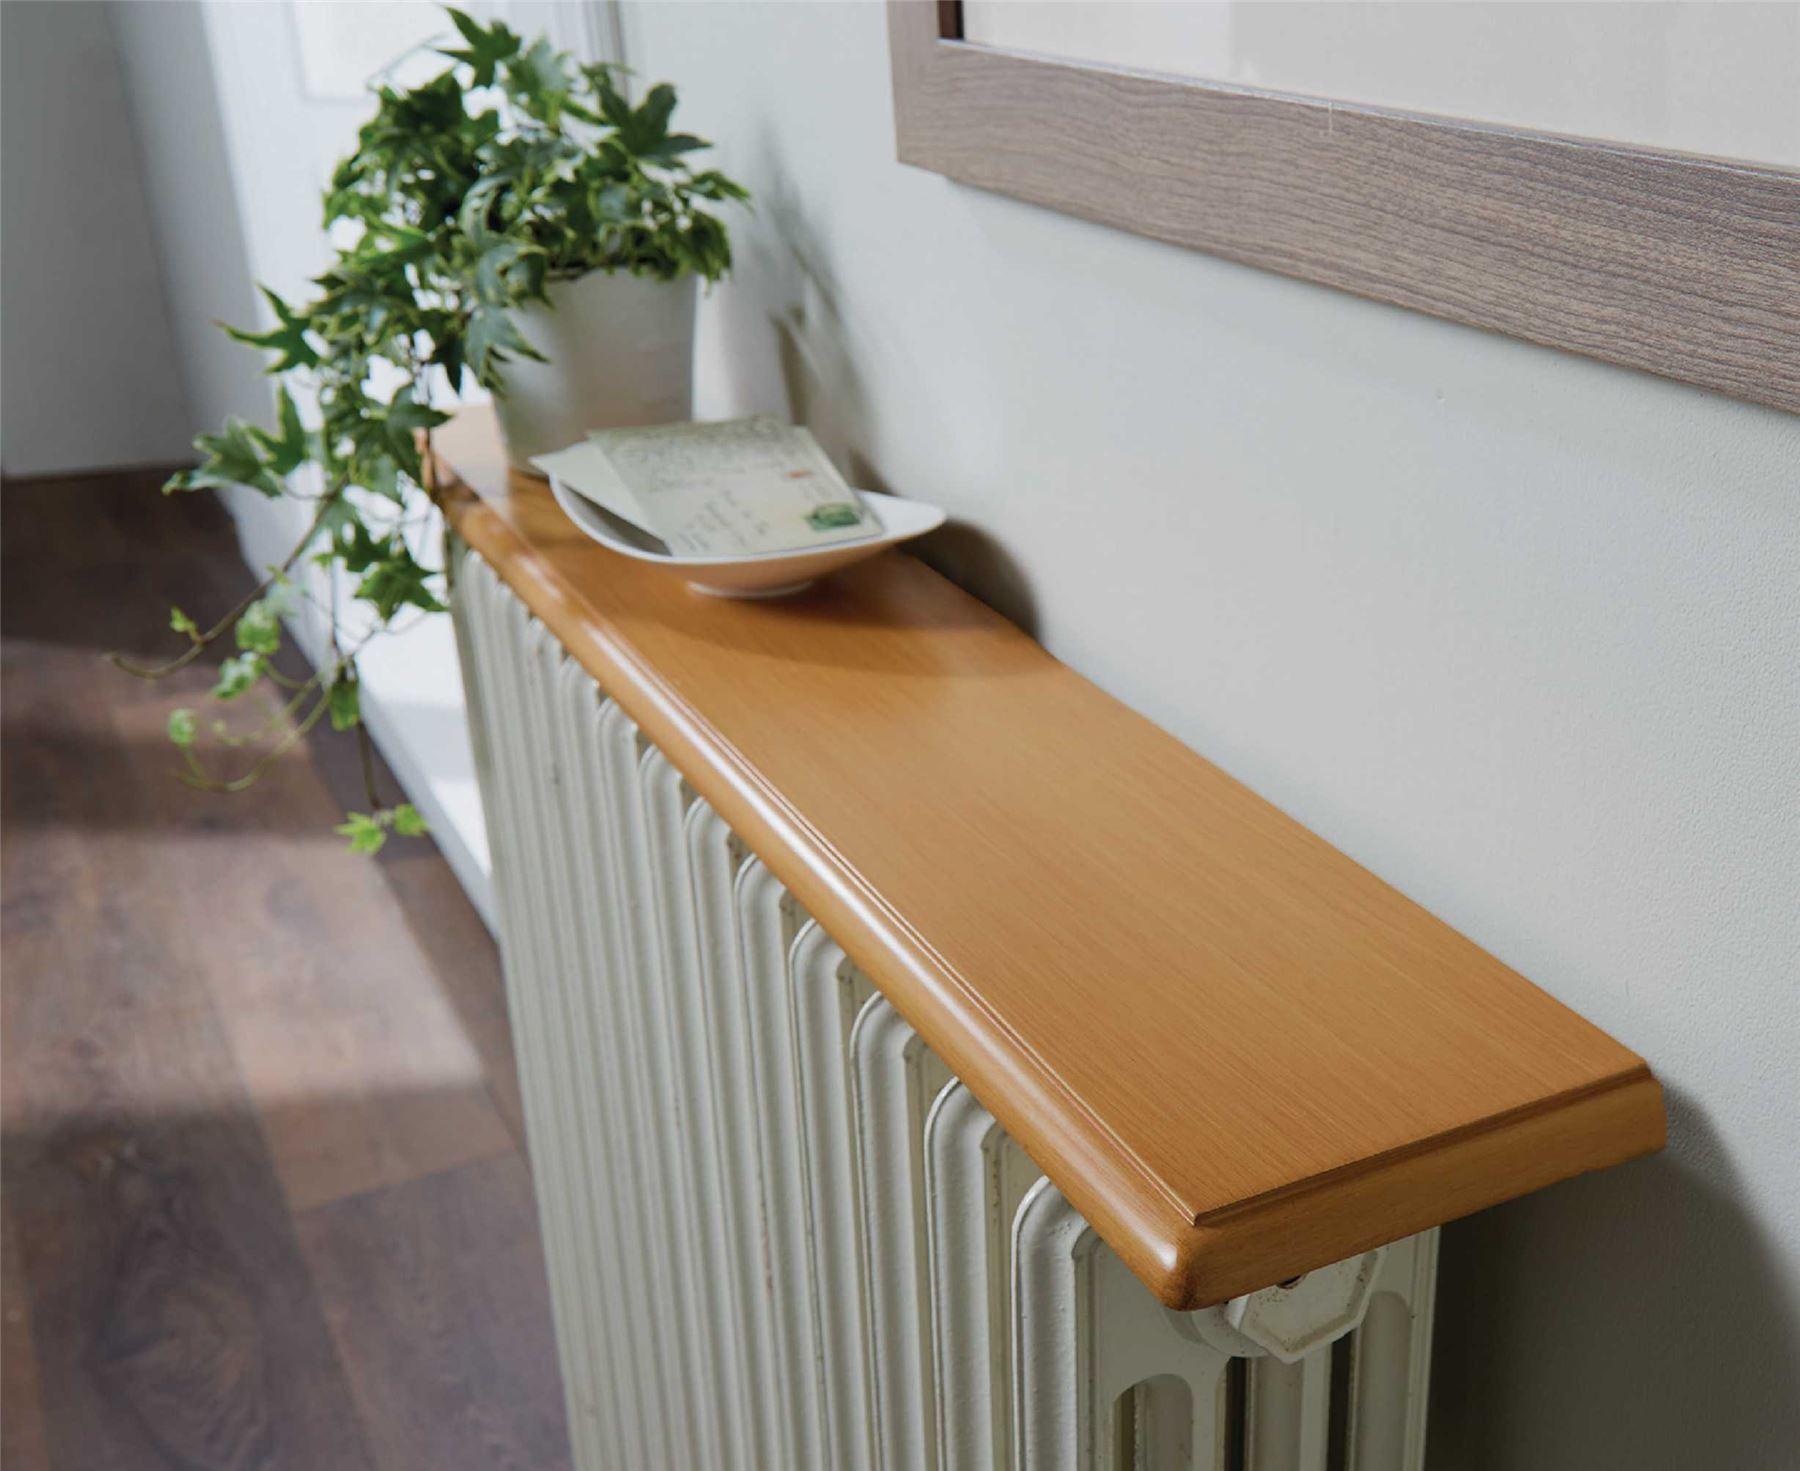 Wooden Radiator Shelves Webfaceconsult